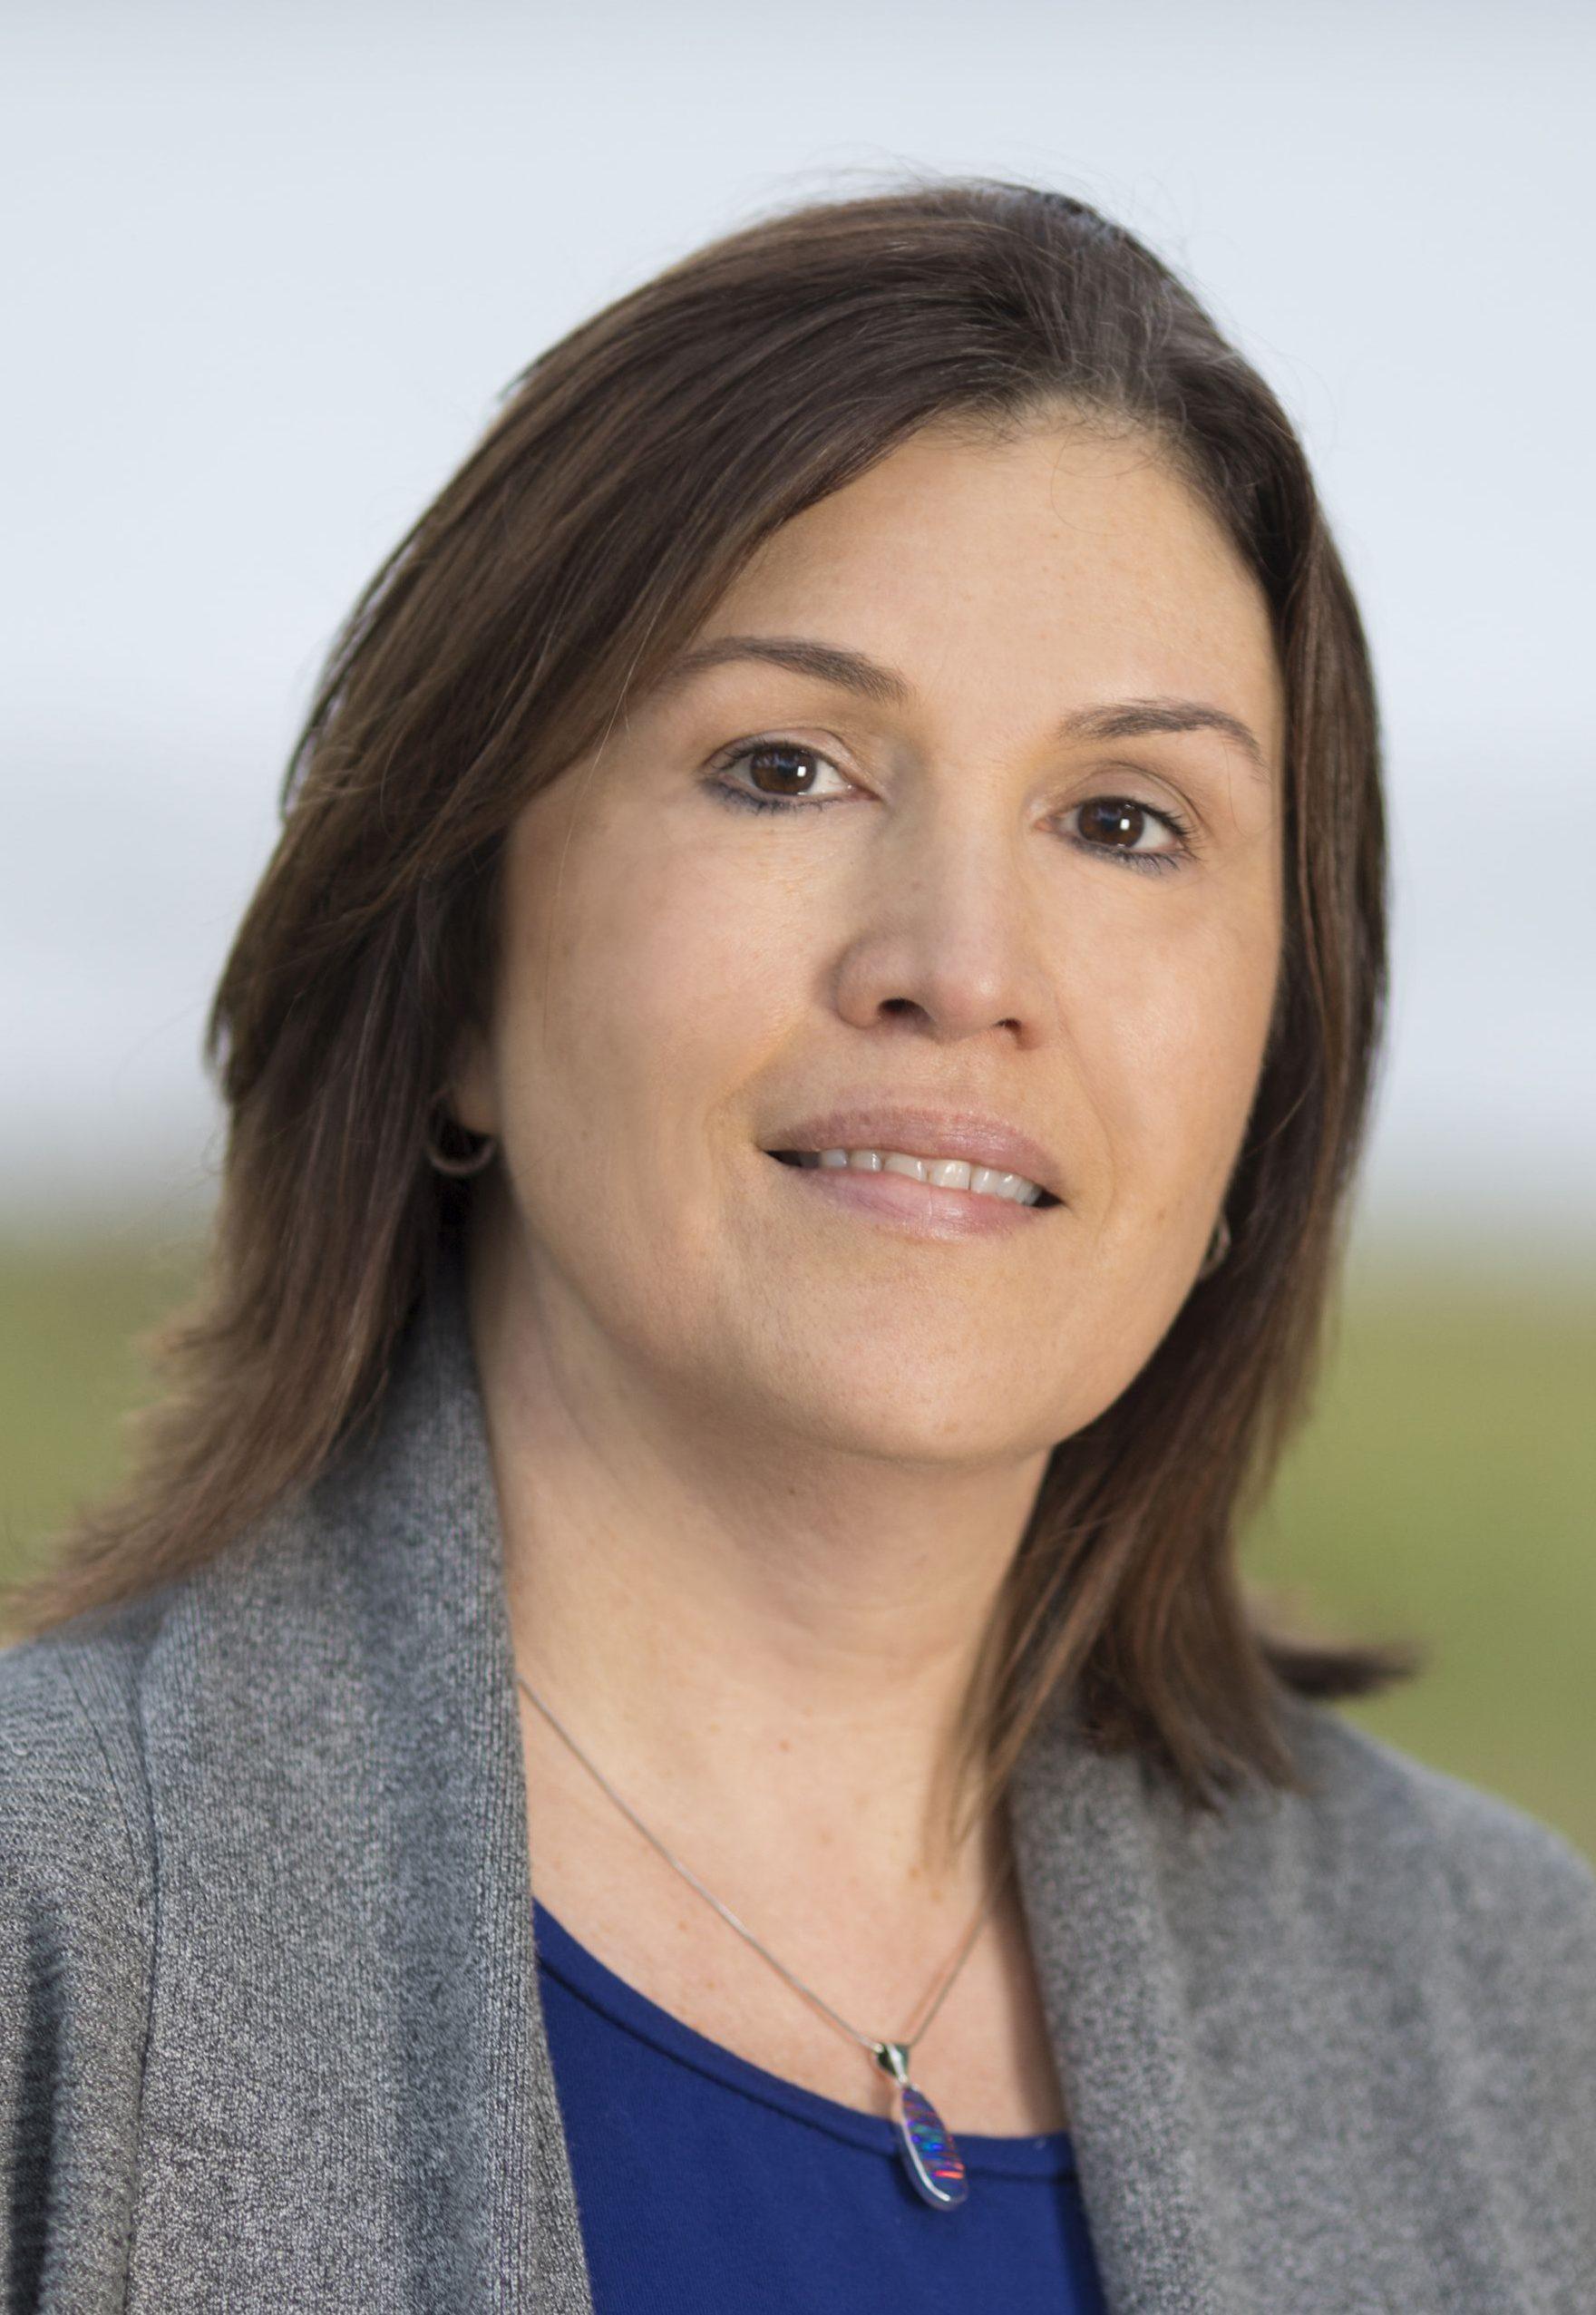 Sondra Sykes Meek